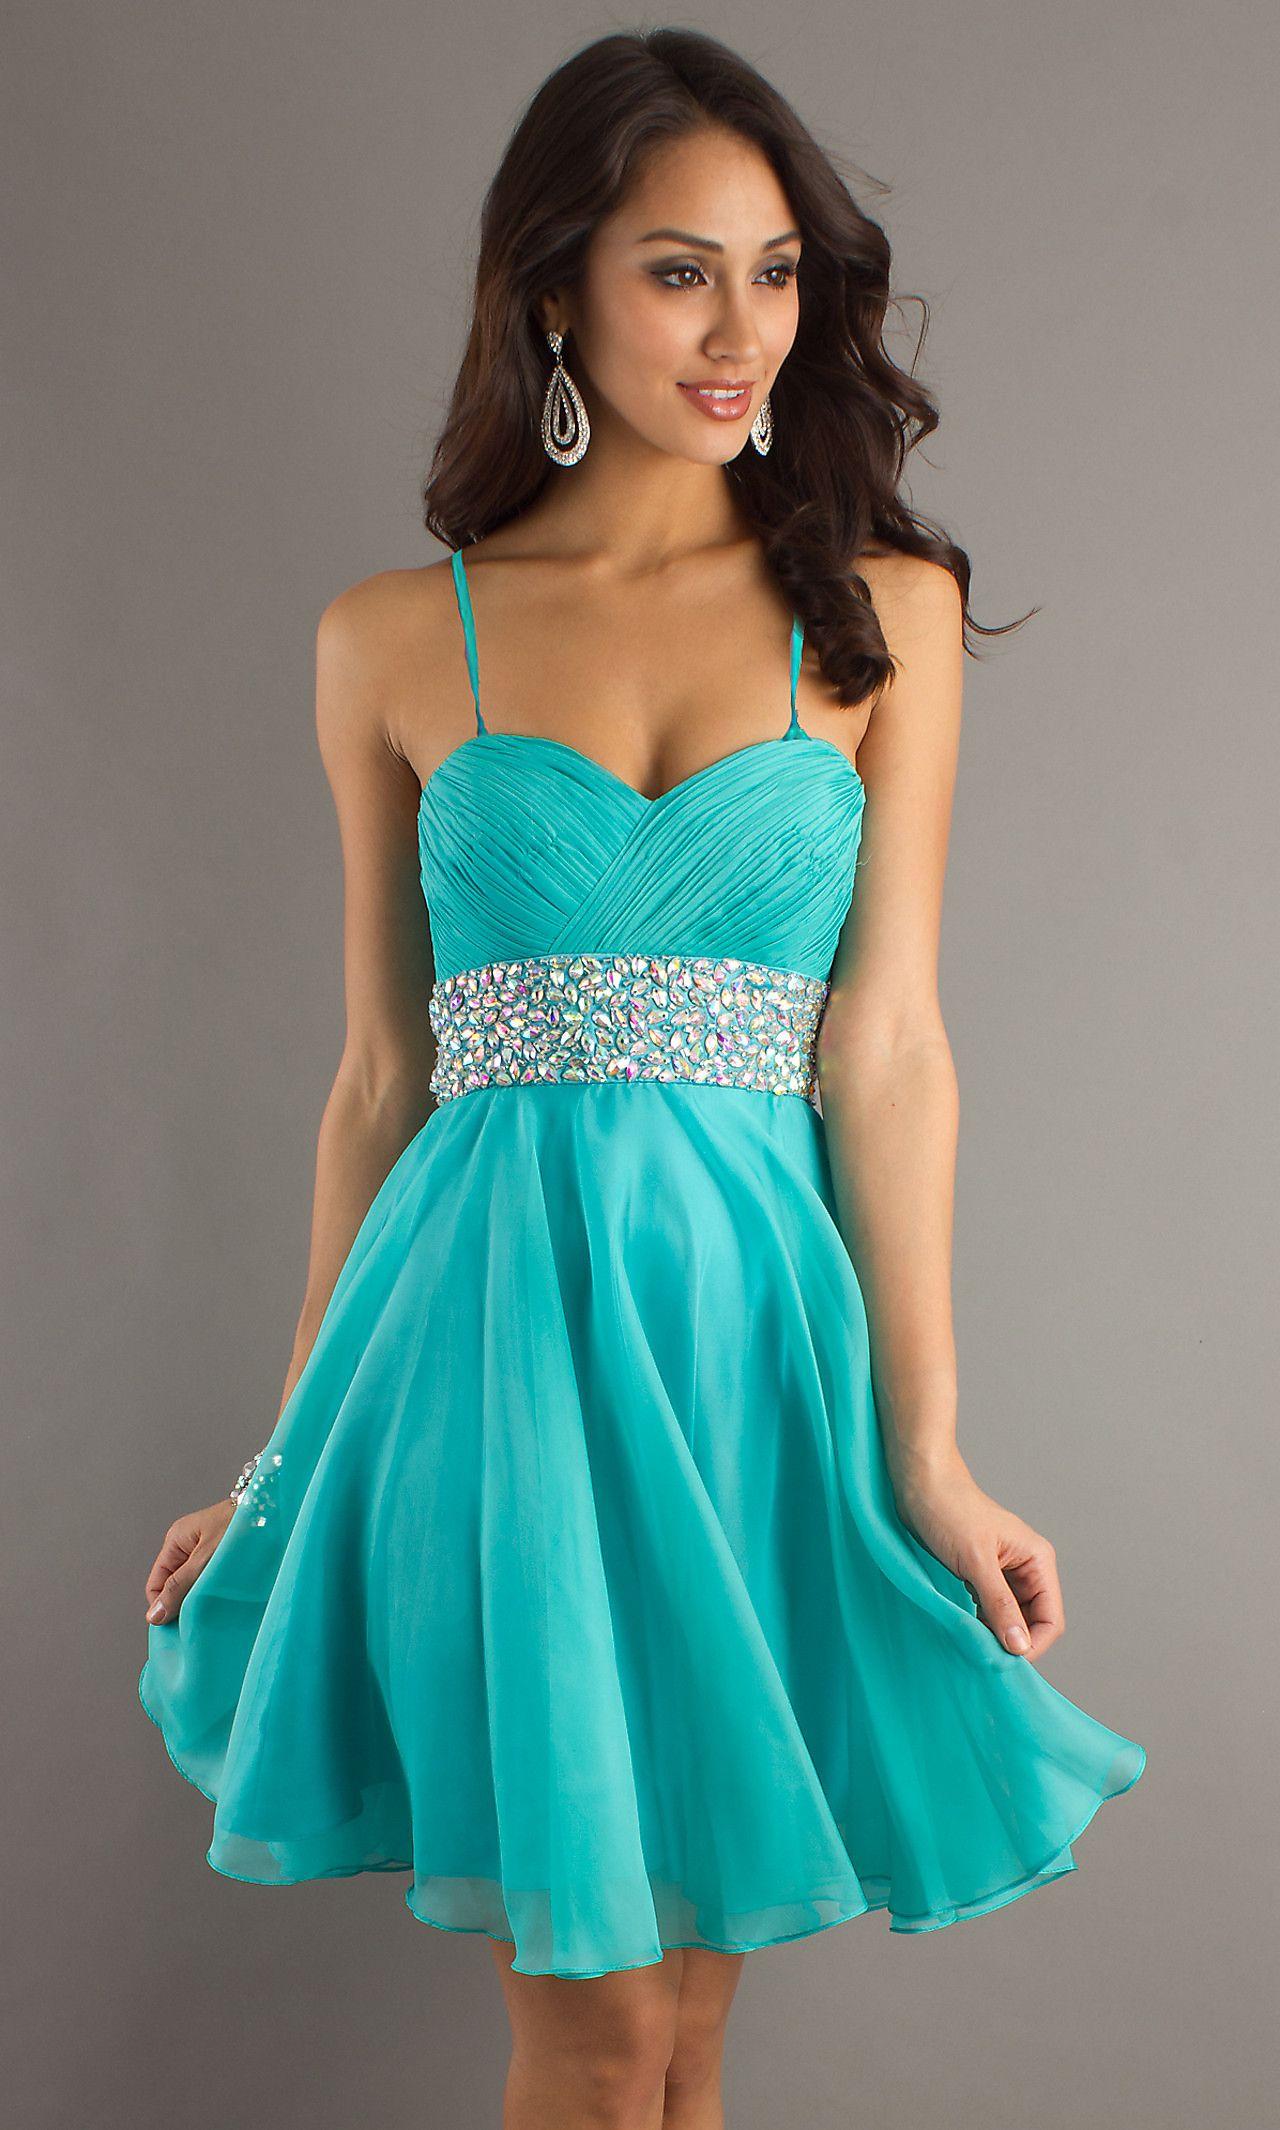 Aqua Formal Dress for Juniors